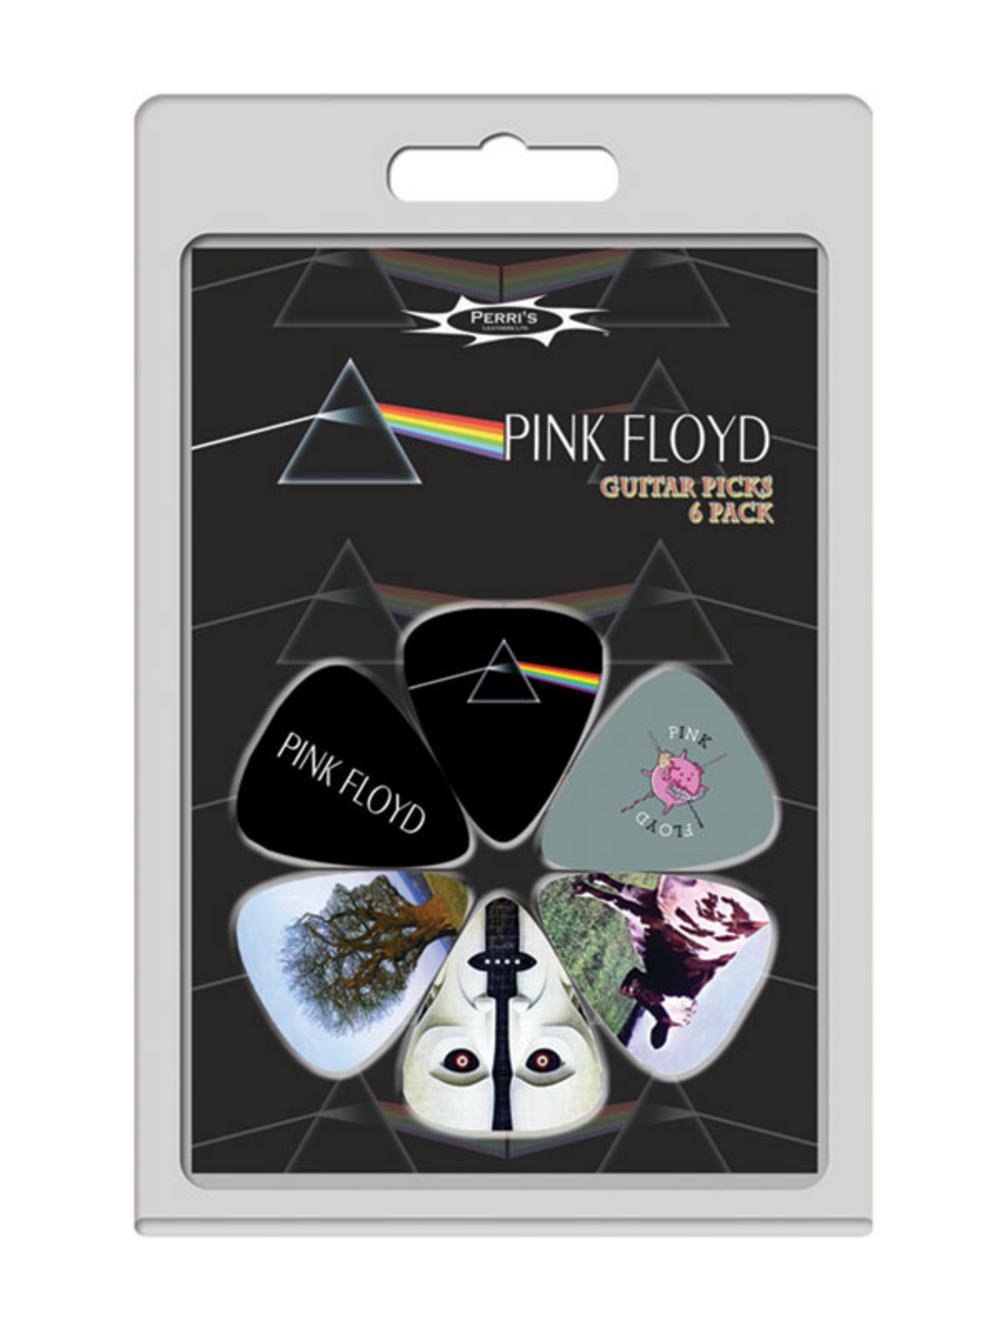 pink floyd dark side 6 pack guitar picks buy pink floyd dark side 6 pack guitar picks at. Black Bedroom Furniture Sets. Home Design Ideas